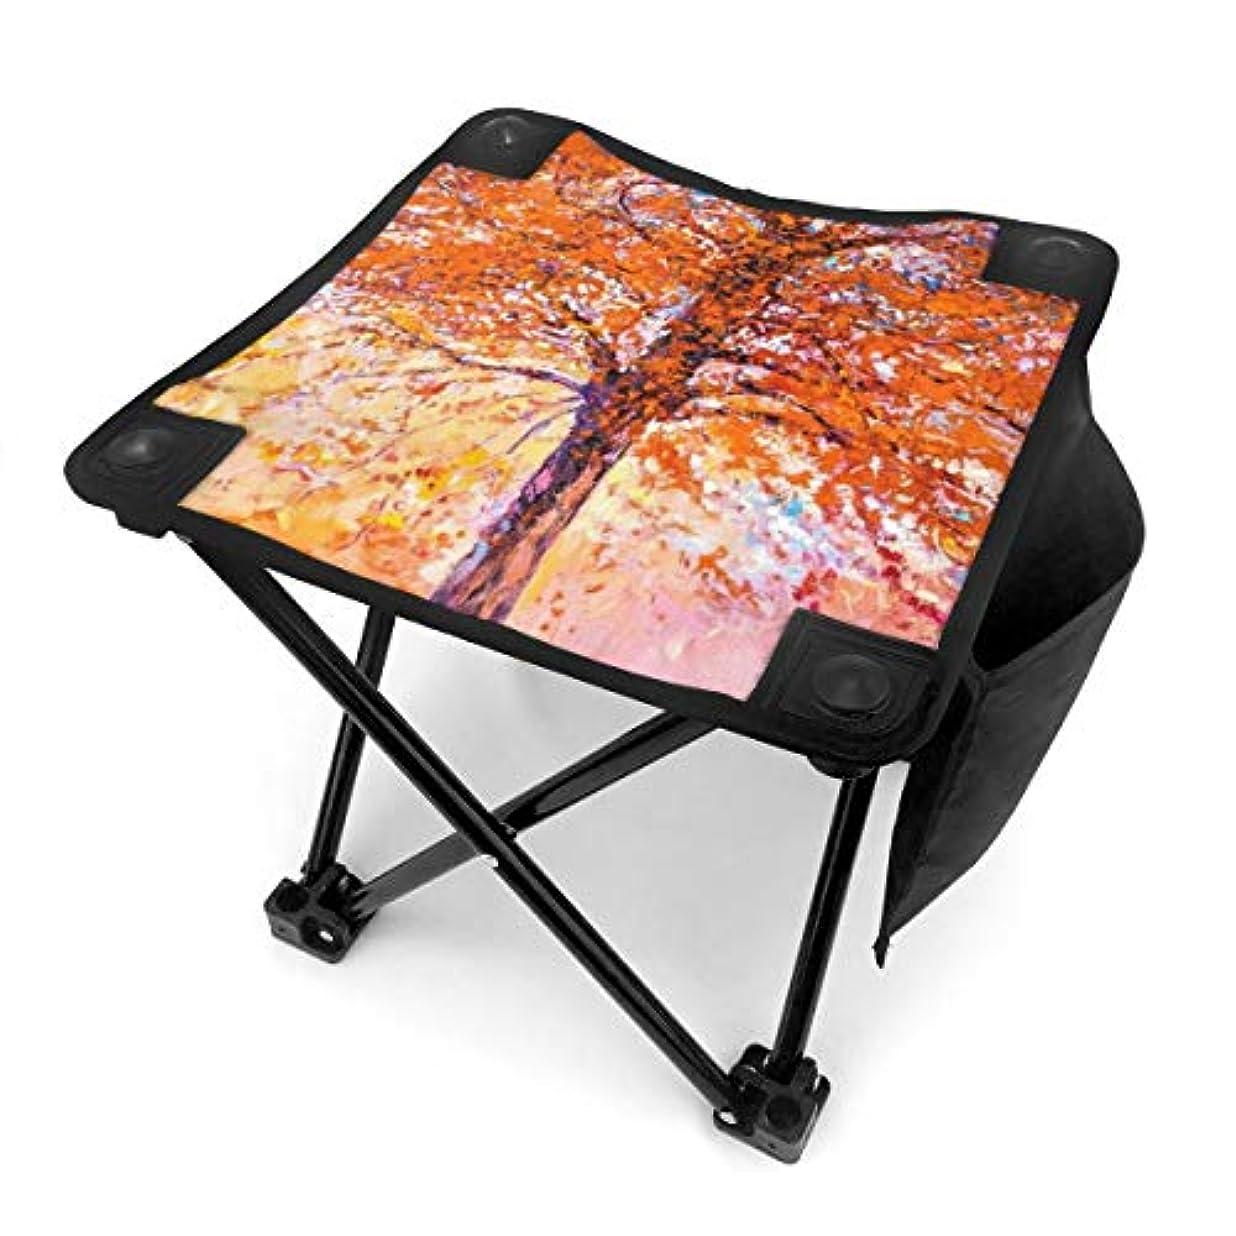 胴体遅らせるモルヒネ抽象的な秋の木の葉 キャンプ用折りたたみスツール アウトドアチェア 折りたたみ コンパクト椅子 折りたたみスツール 小型スツール 収納袋付き 持ち運びが簡単 耐荷重100kg